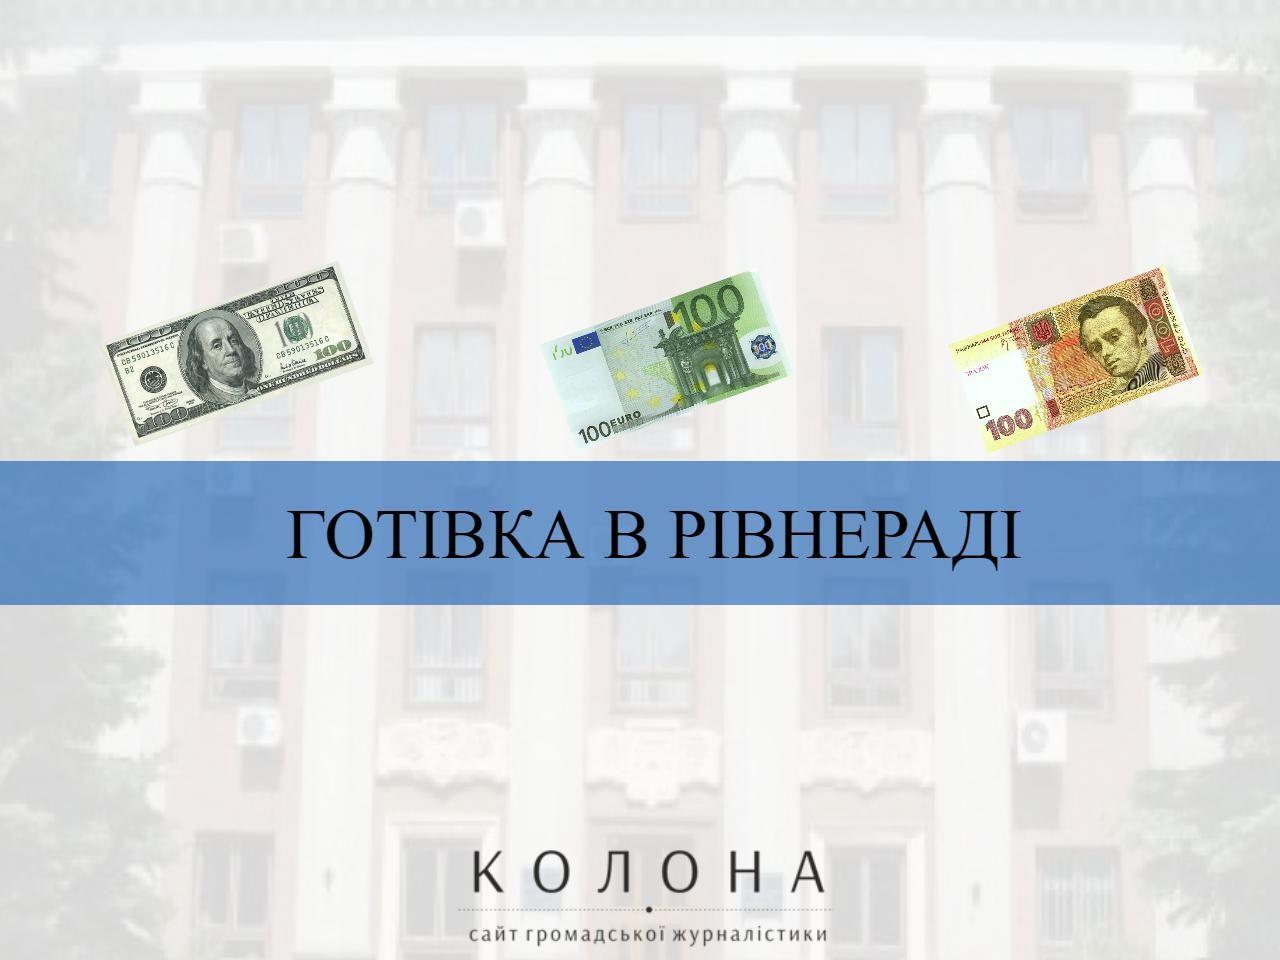 """Депутати Рівнеради і готівка: Хто і скільки зберігає готівки """"під матрацом""""?"""